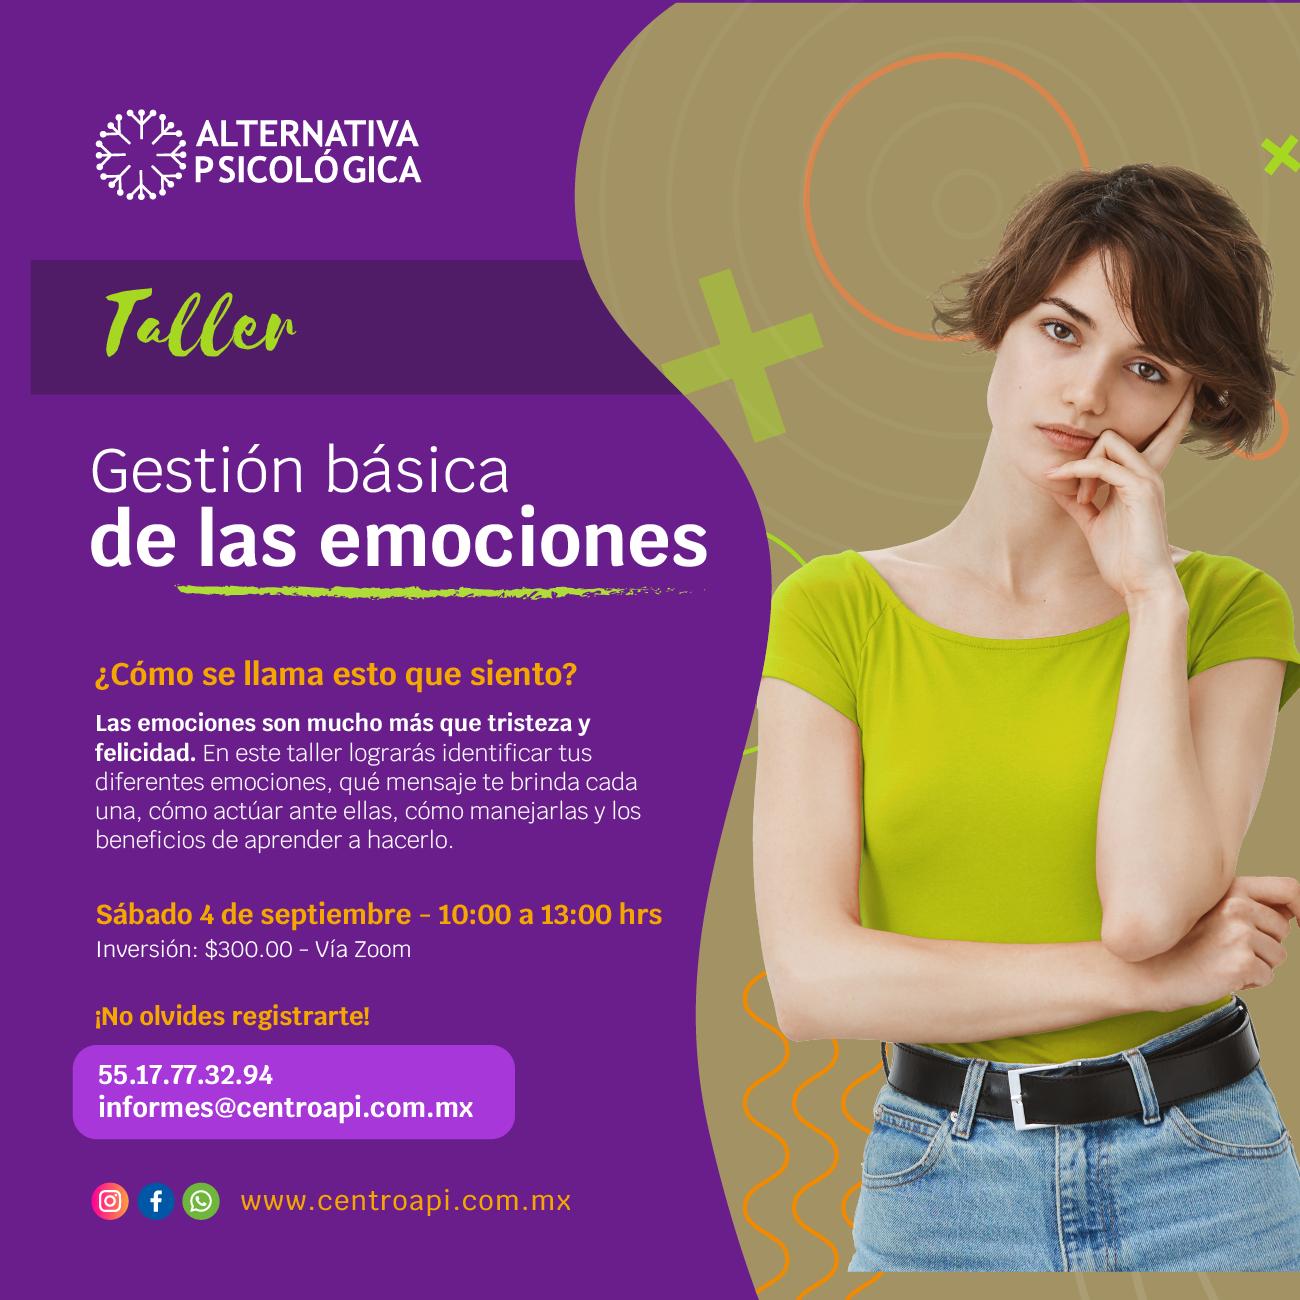 Taller: Gestión básica de las emociones